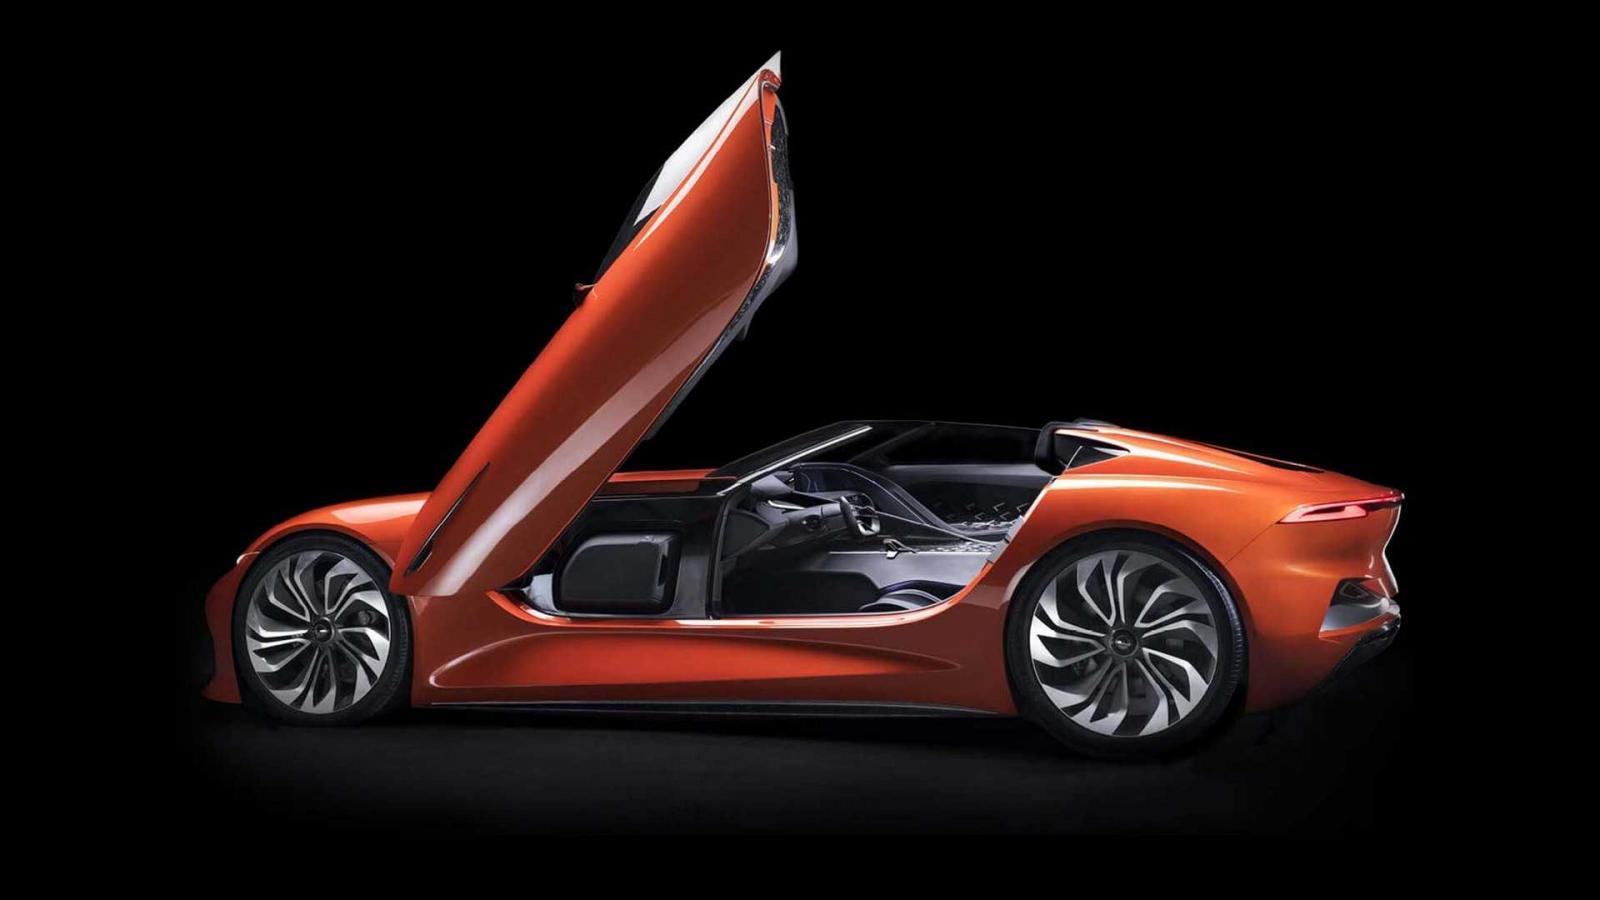 El Karma SCI Vision Concept tiene un diseño extremo y con detalles futuristas